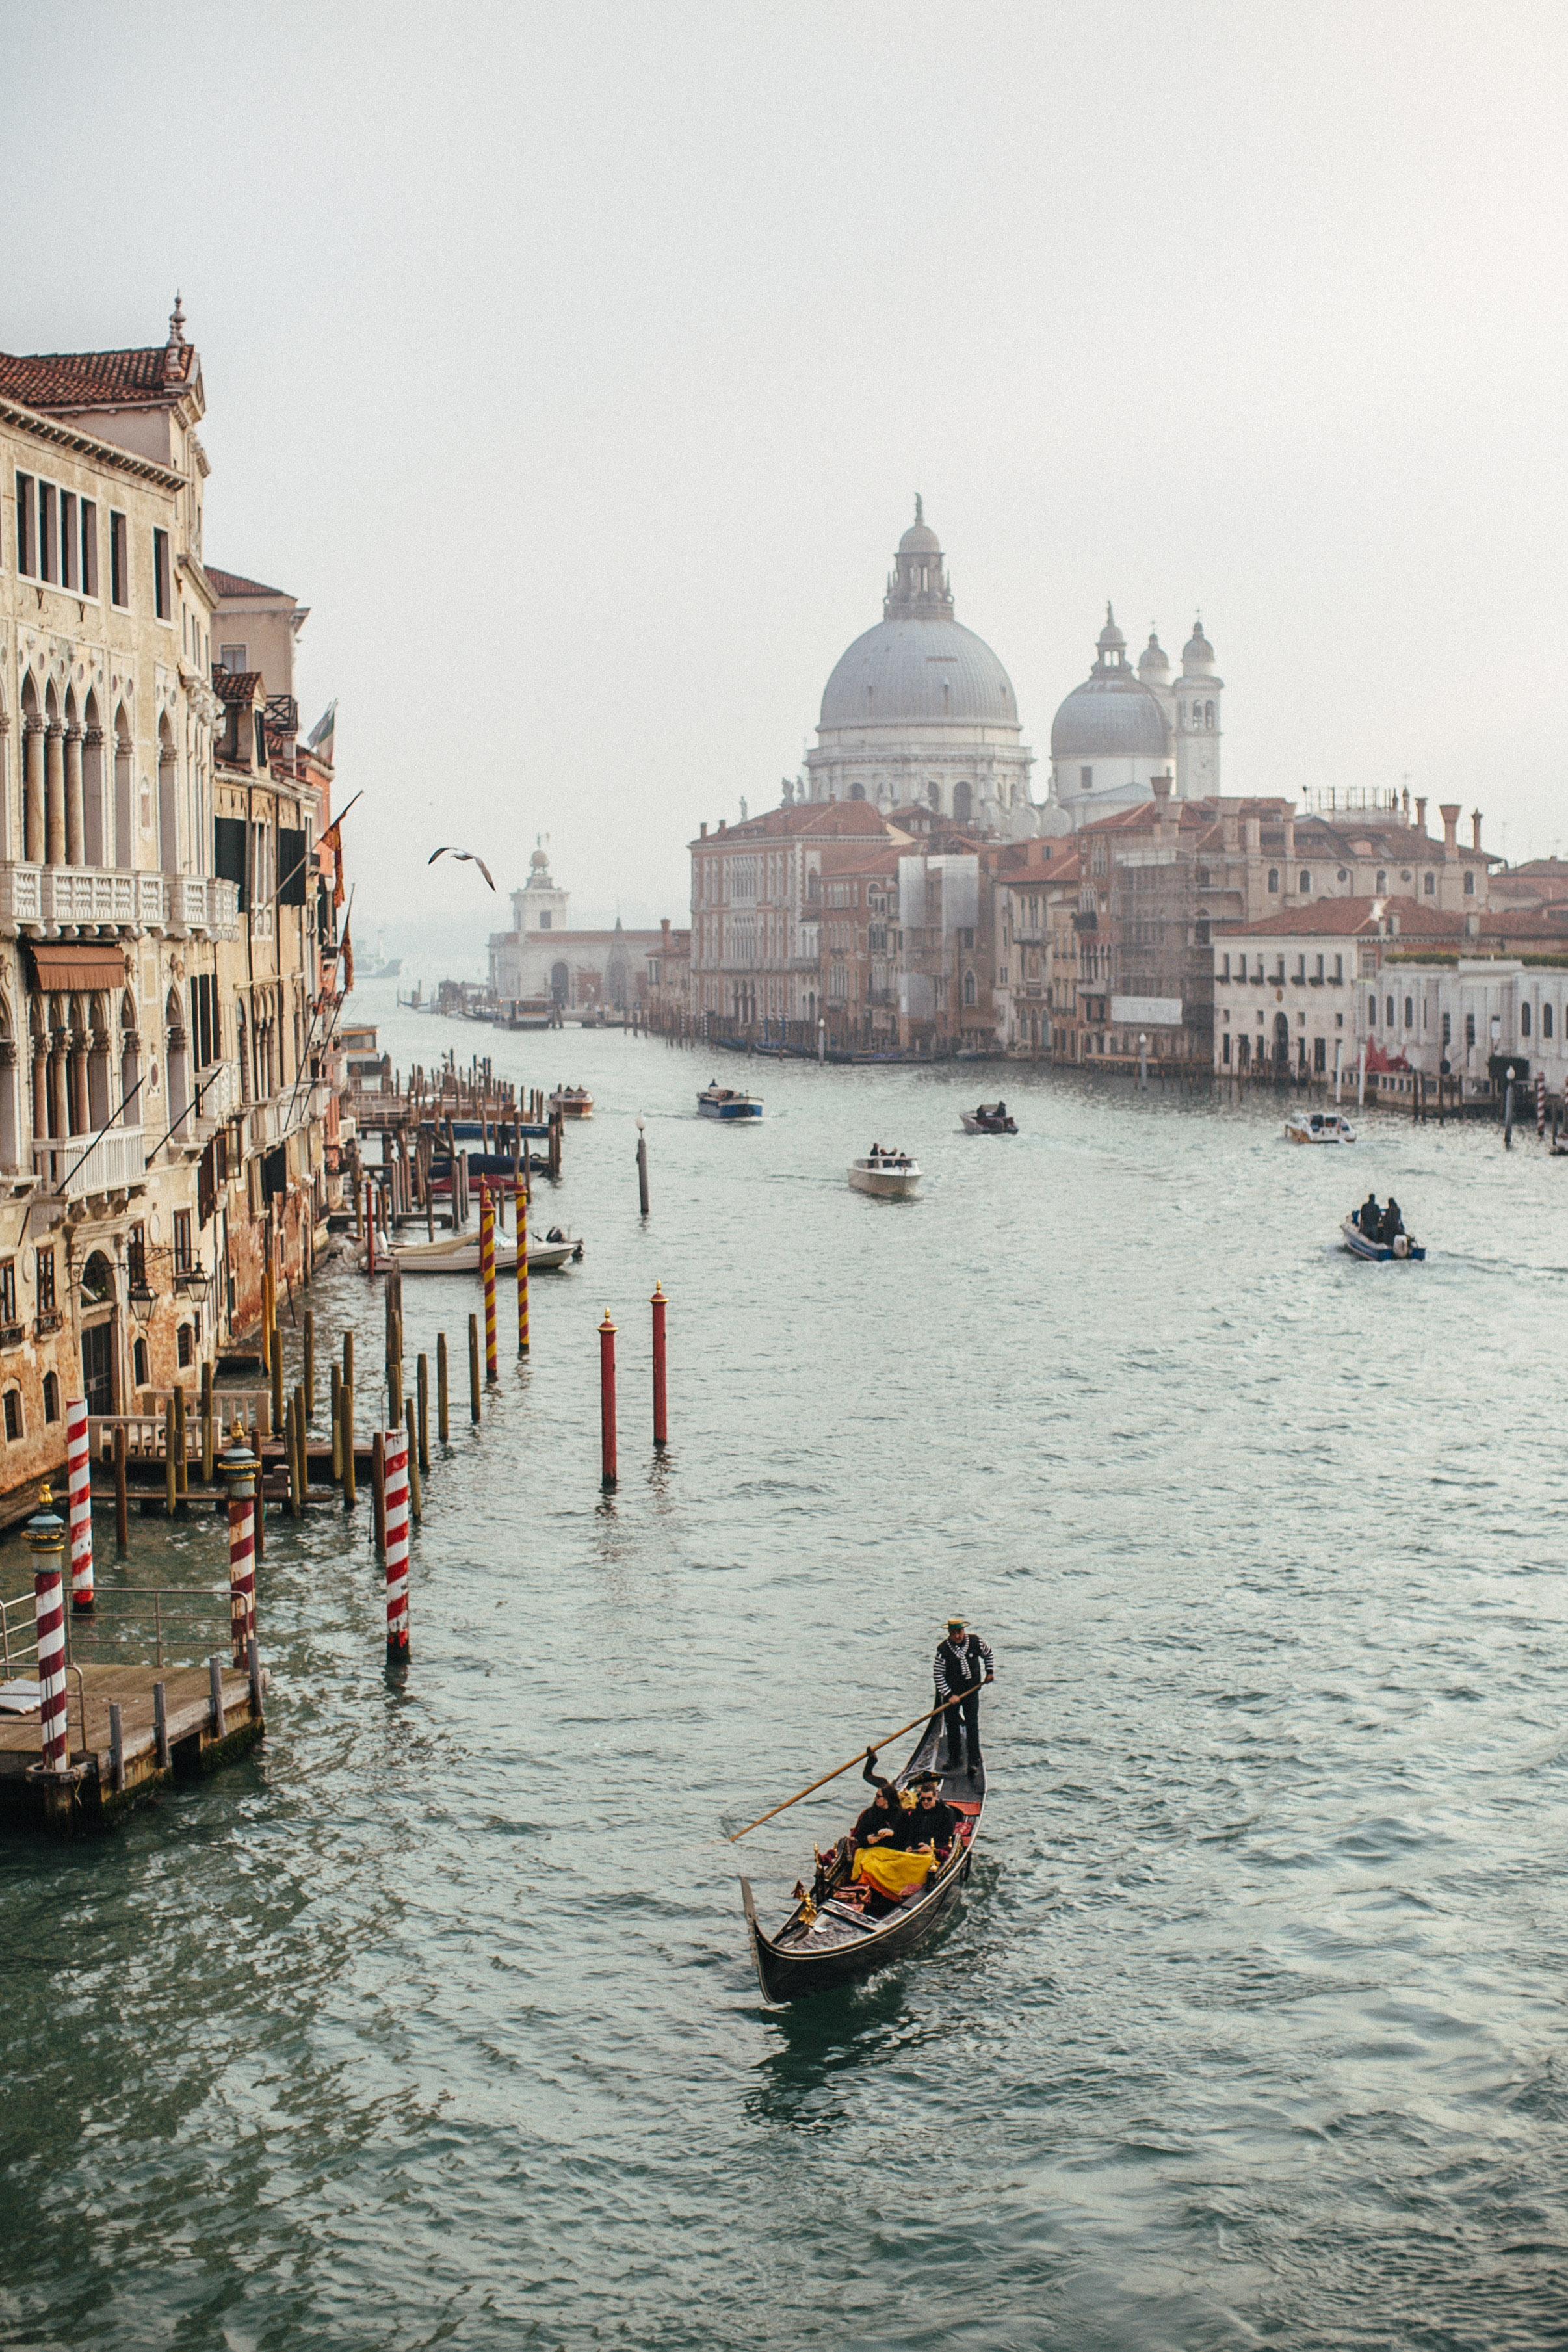 20161216_KU_Venice_099.jpg